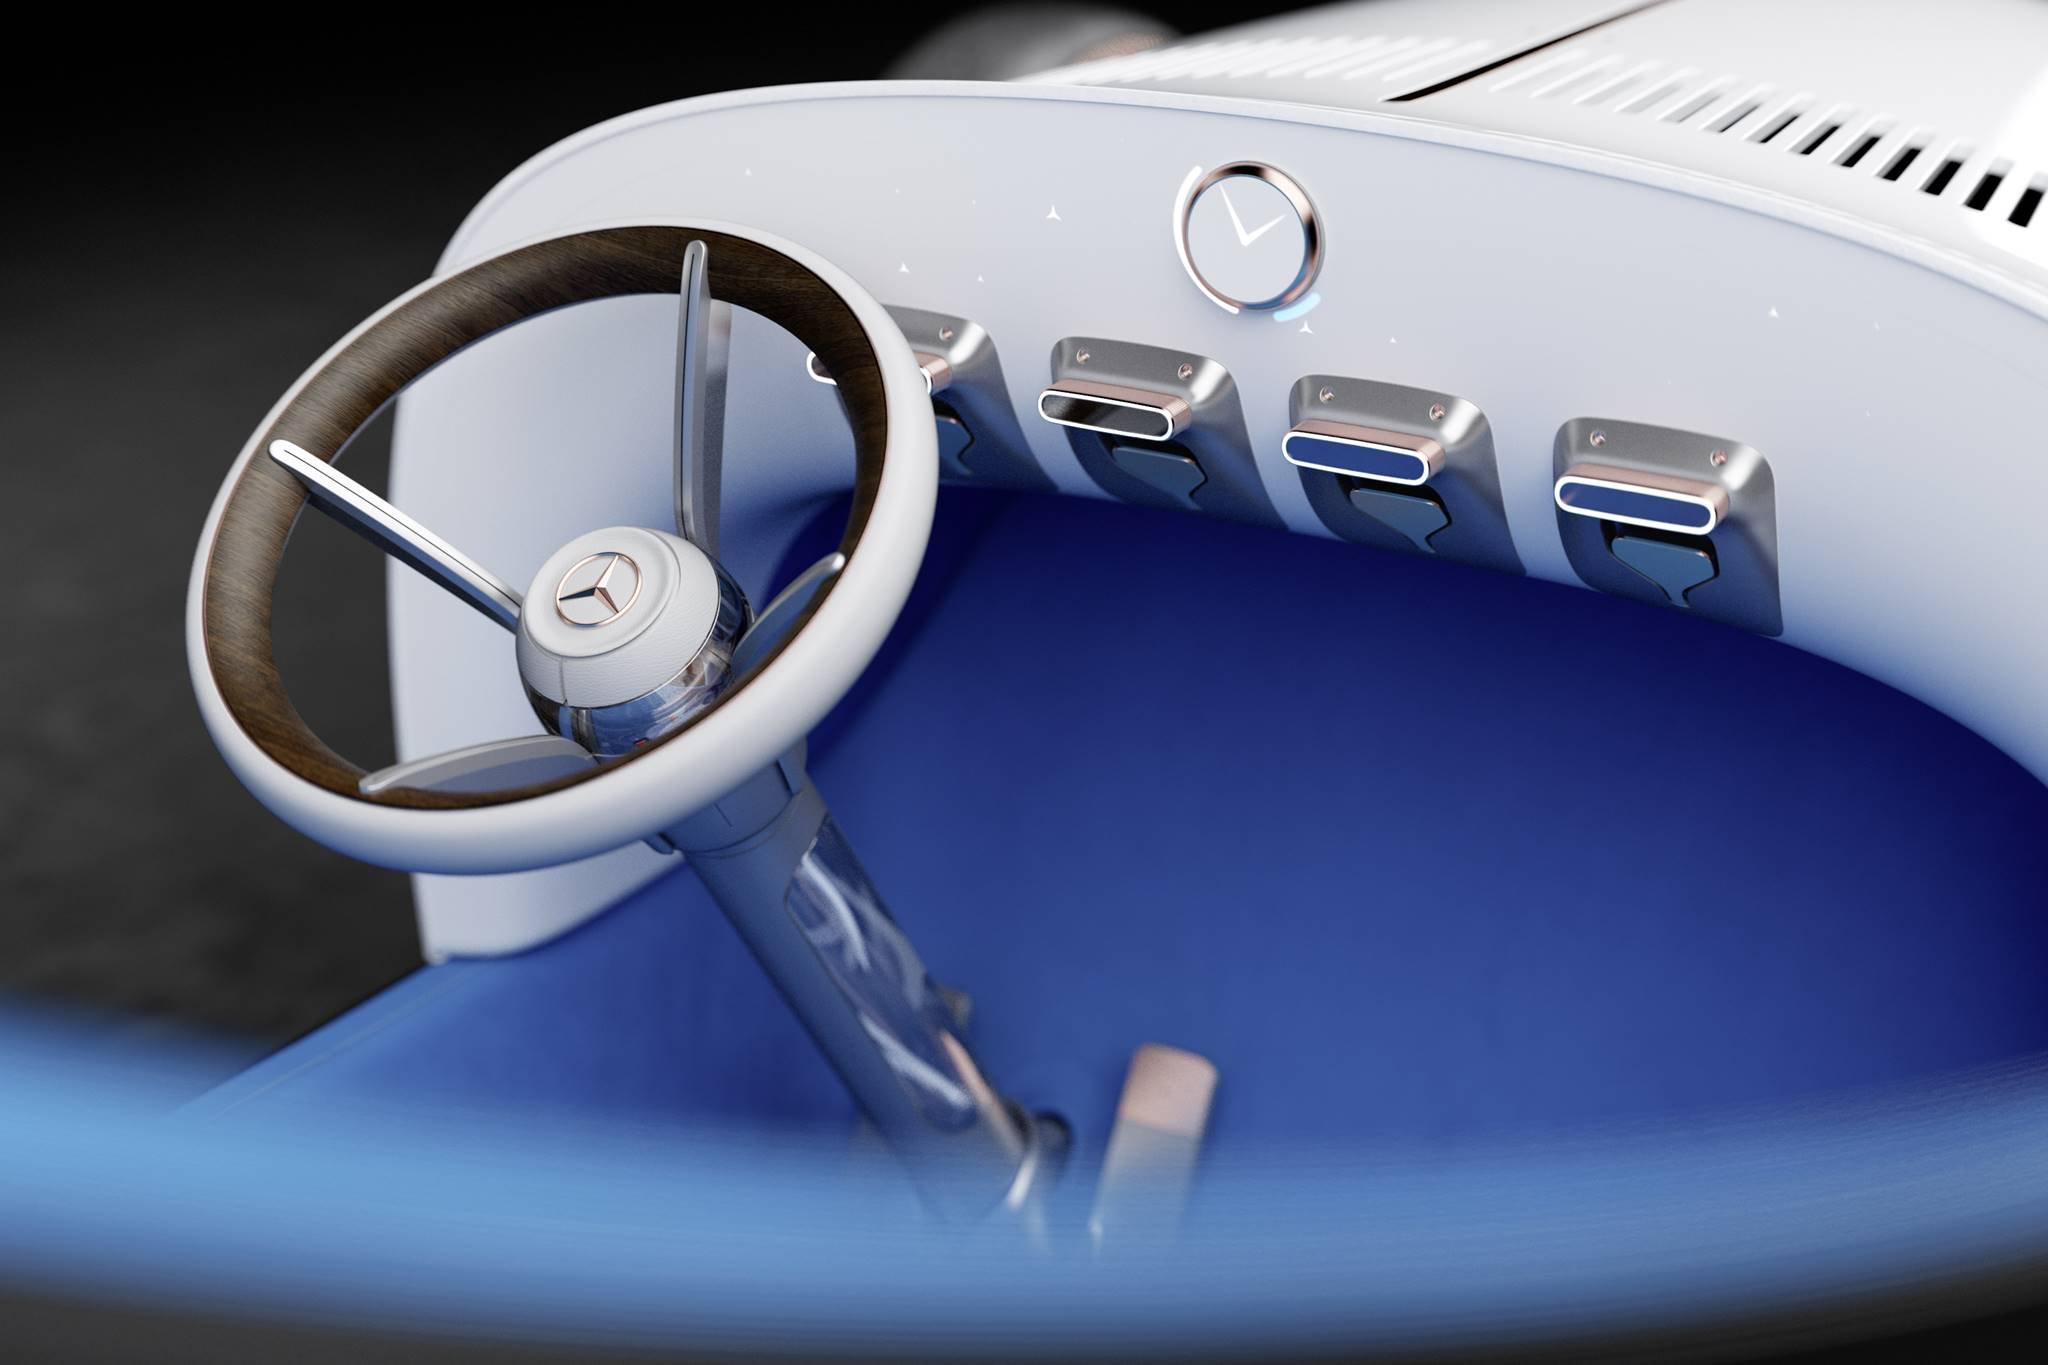 Mercedes-Benz trình làng concept xe tương lai mới có thiết kế hoài cổ-5